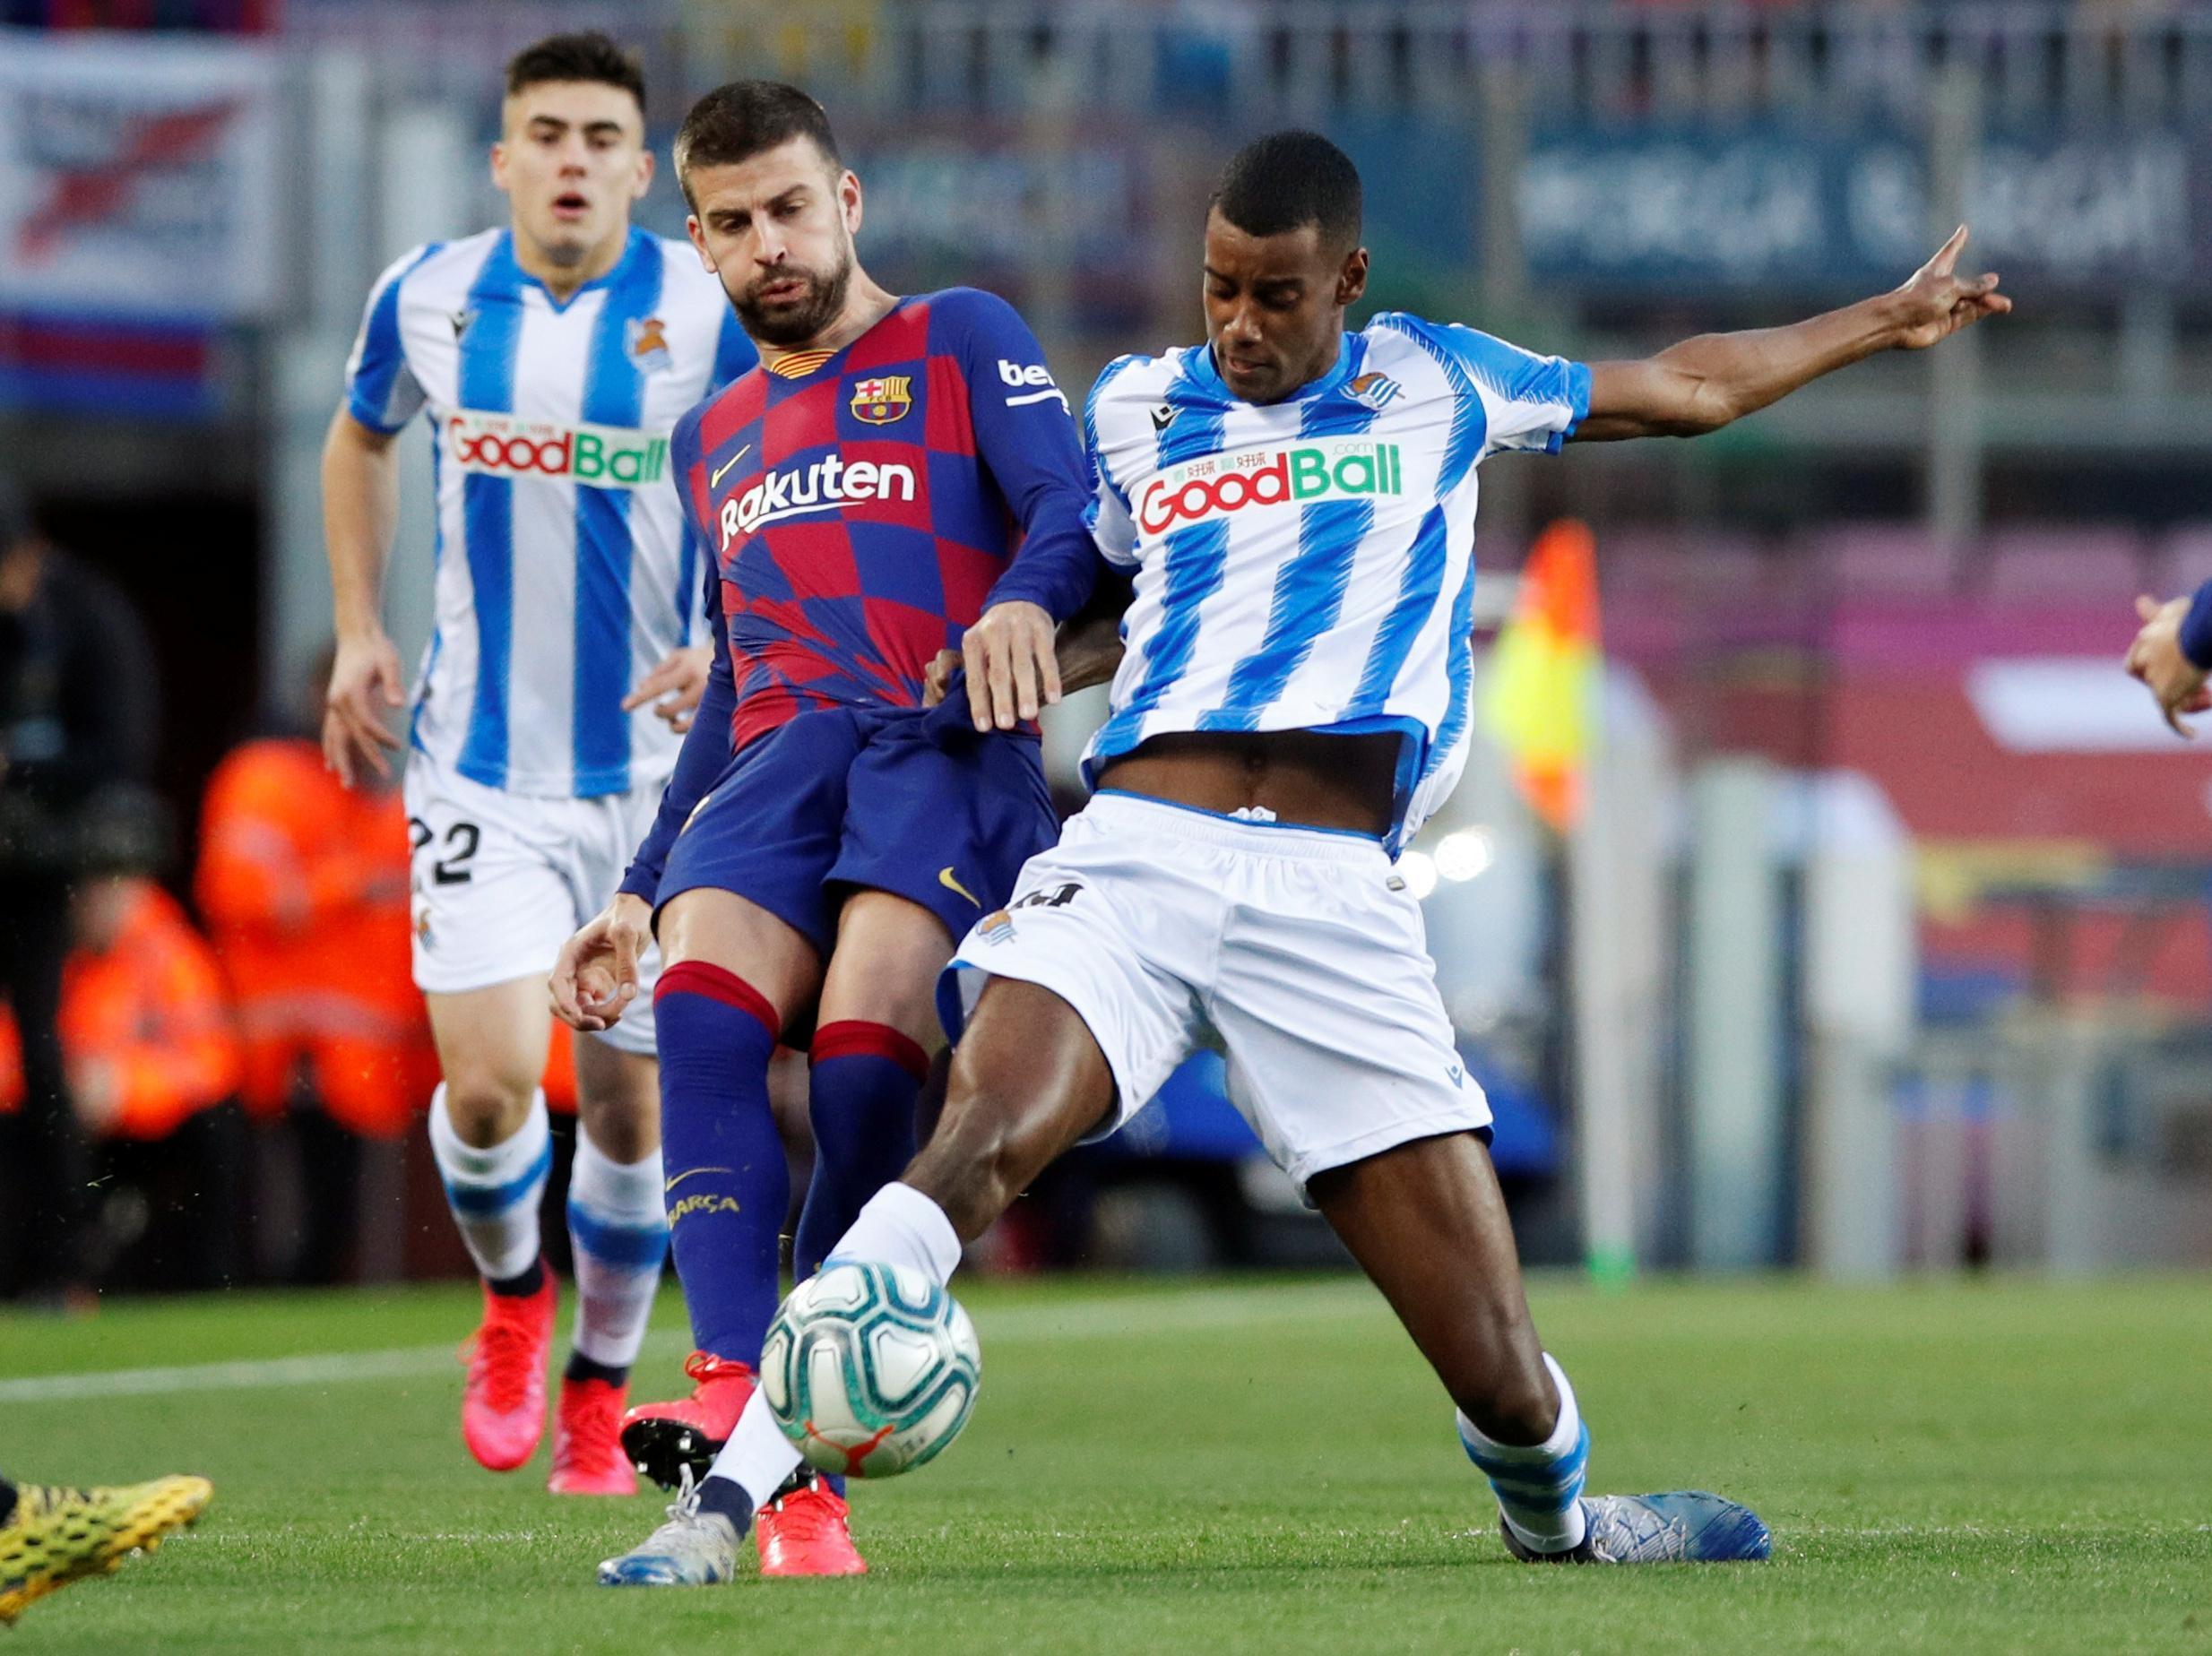 Oviss toppstrid när den spanska fotbollen startar om